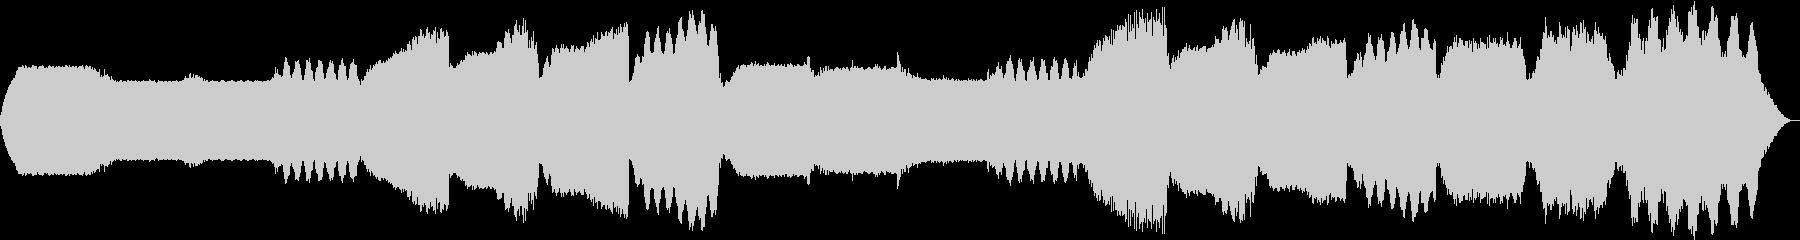 幻想的なシンセサイザーの背景BGMの未再生の波形